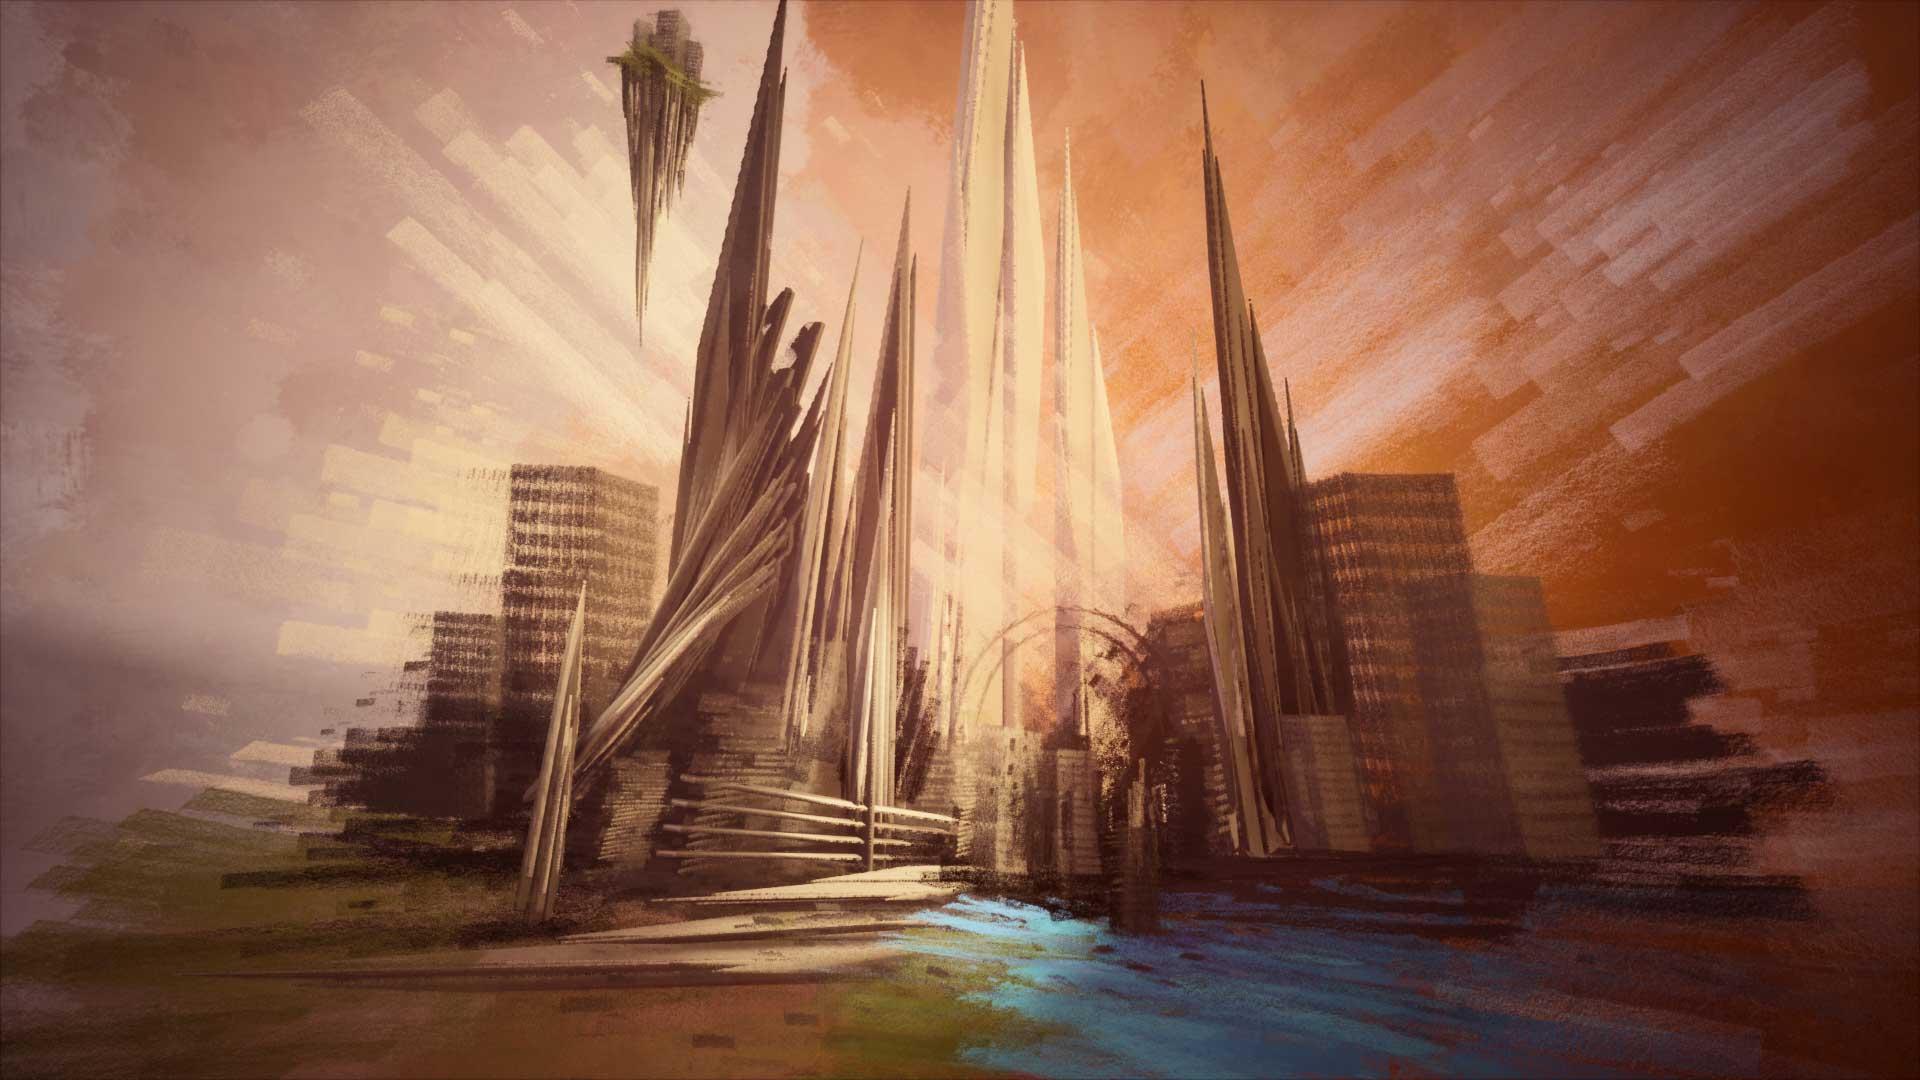 City Vista - Dreams